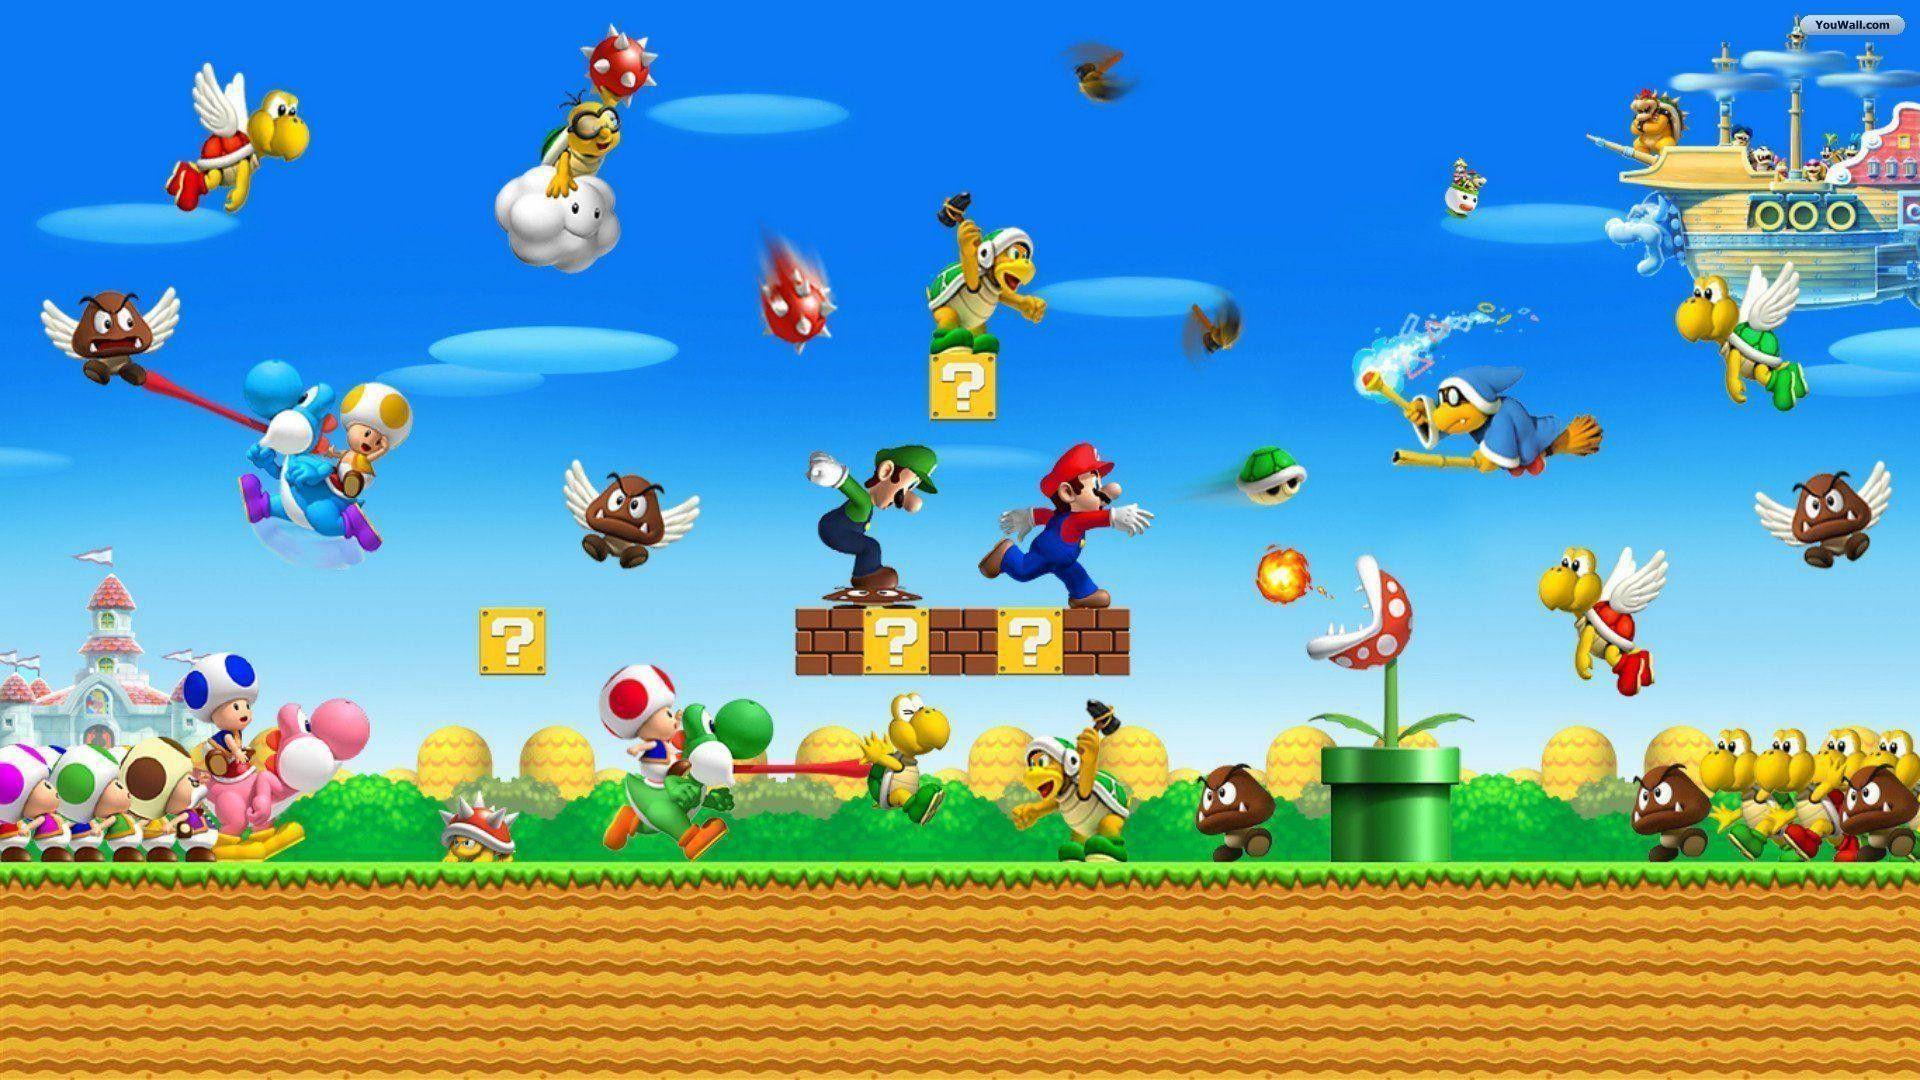 Super Mario Bros play original